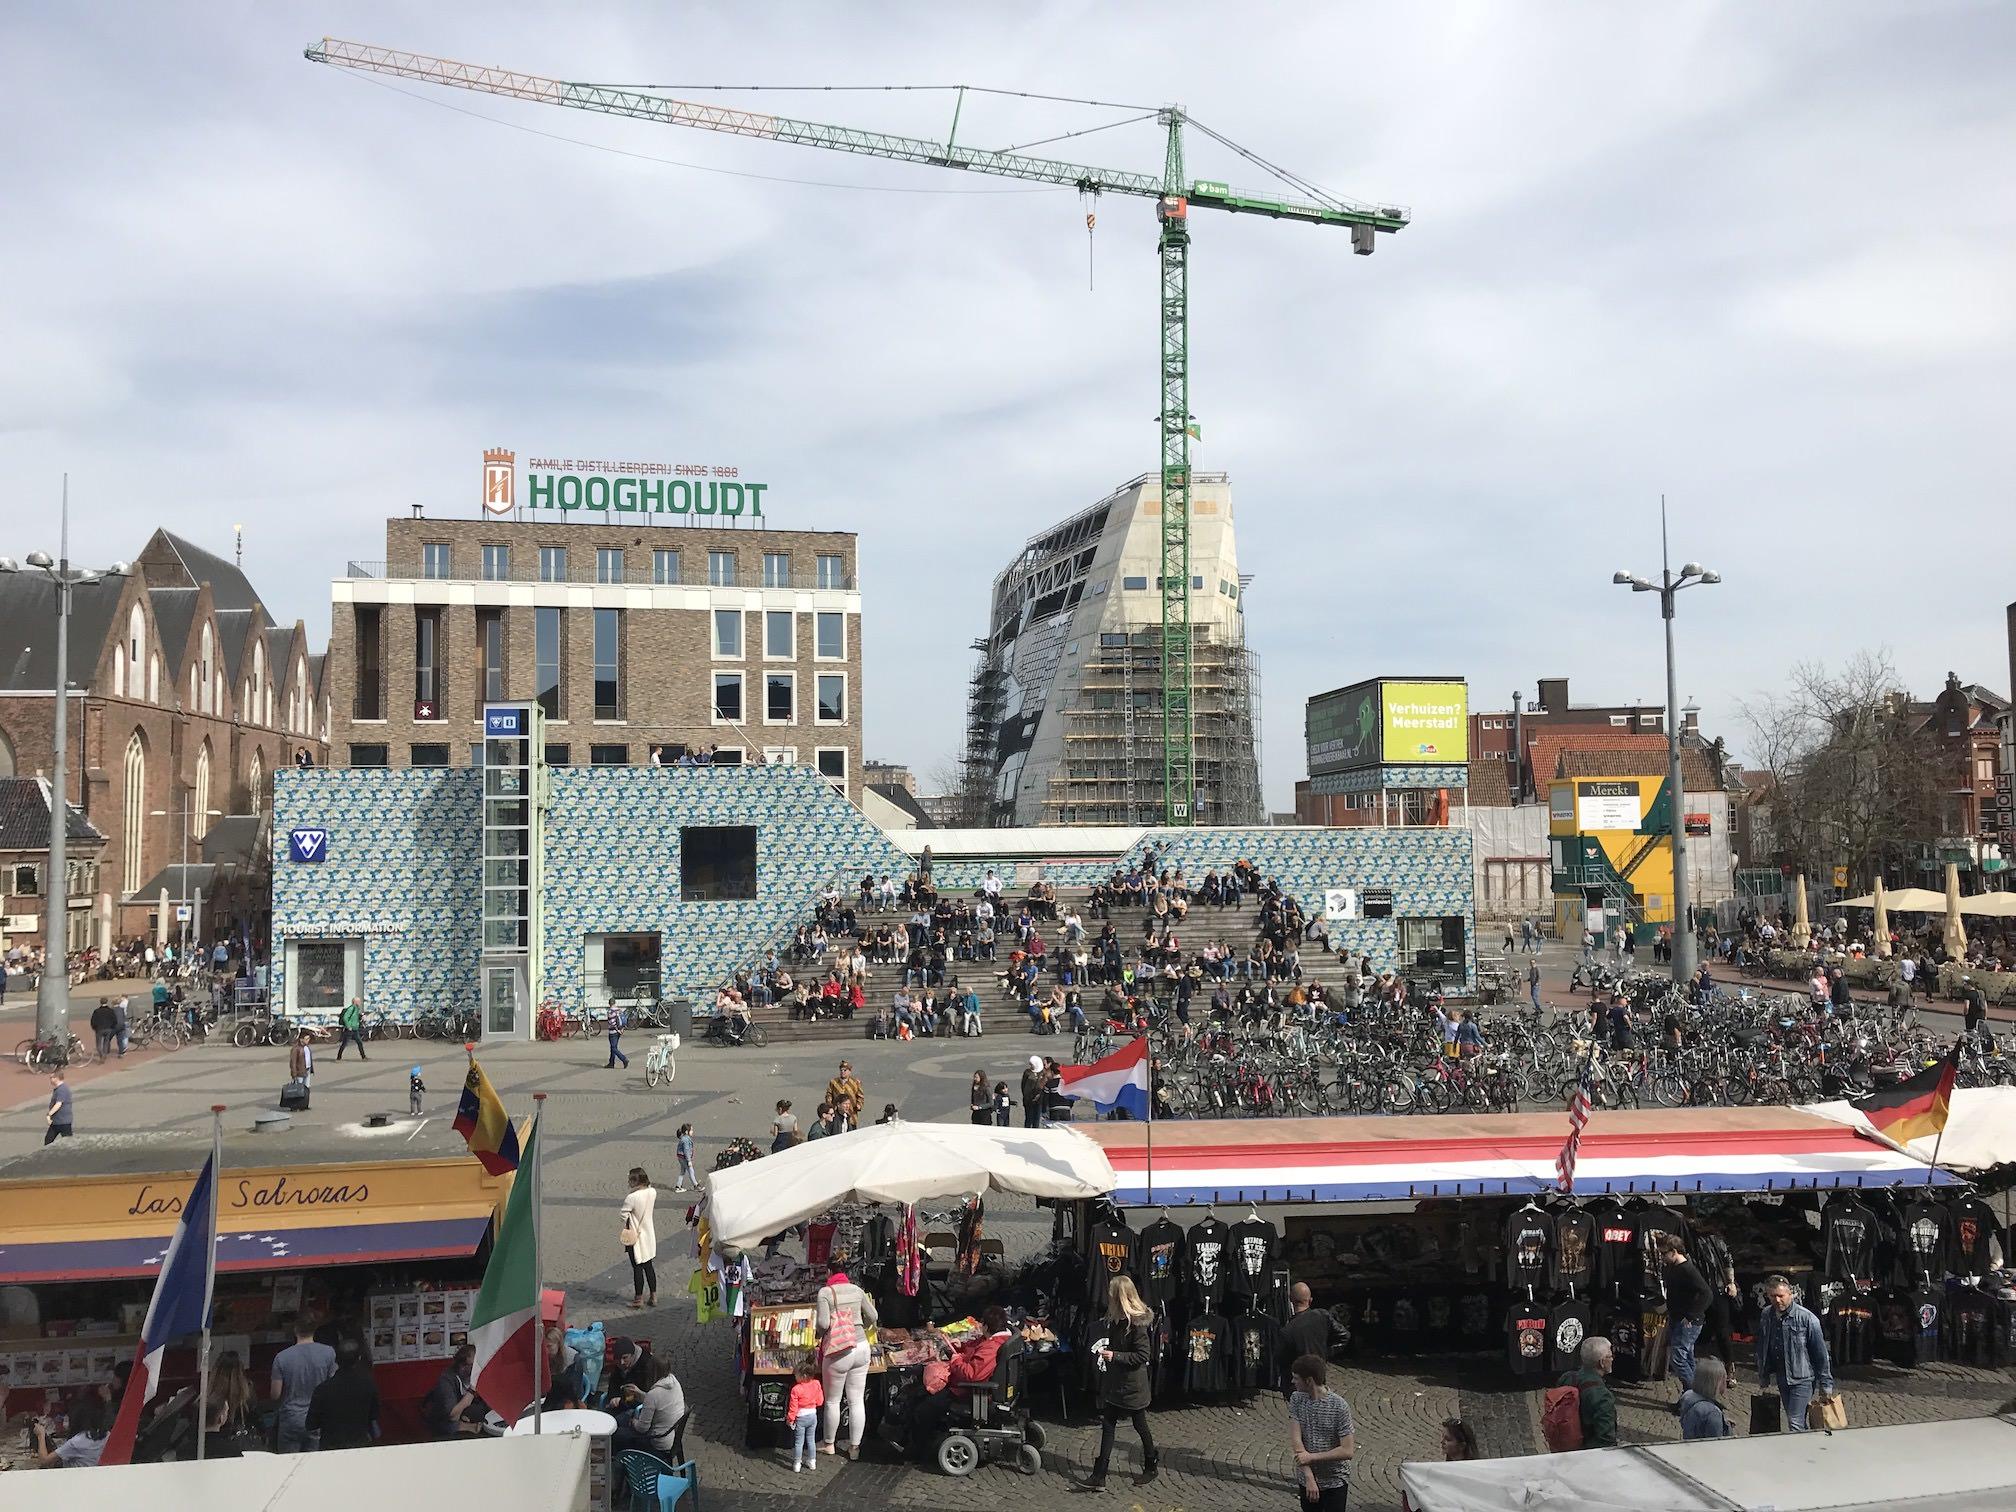 Groningen, Großer Markt, VVV-Gebäude mit Forum vom Stadshuis aus gesehen